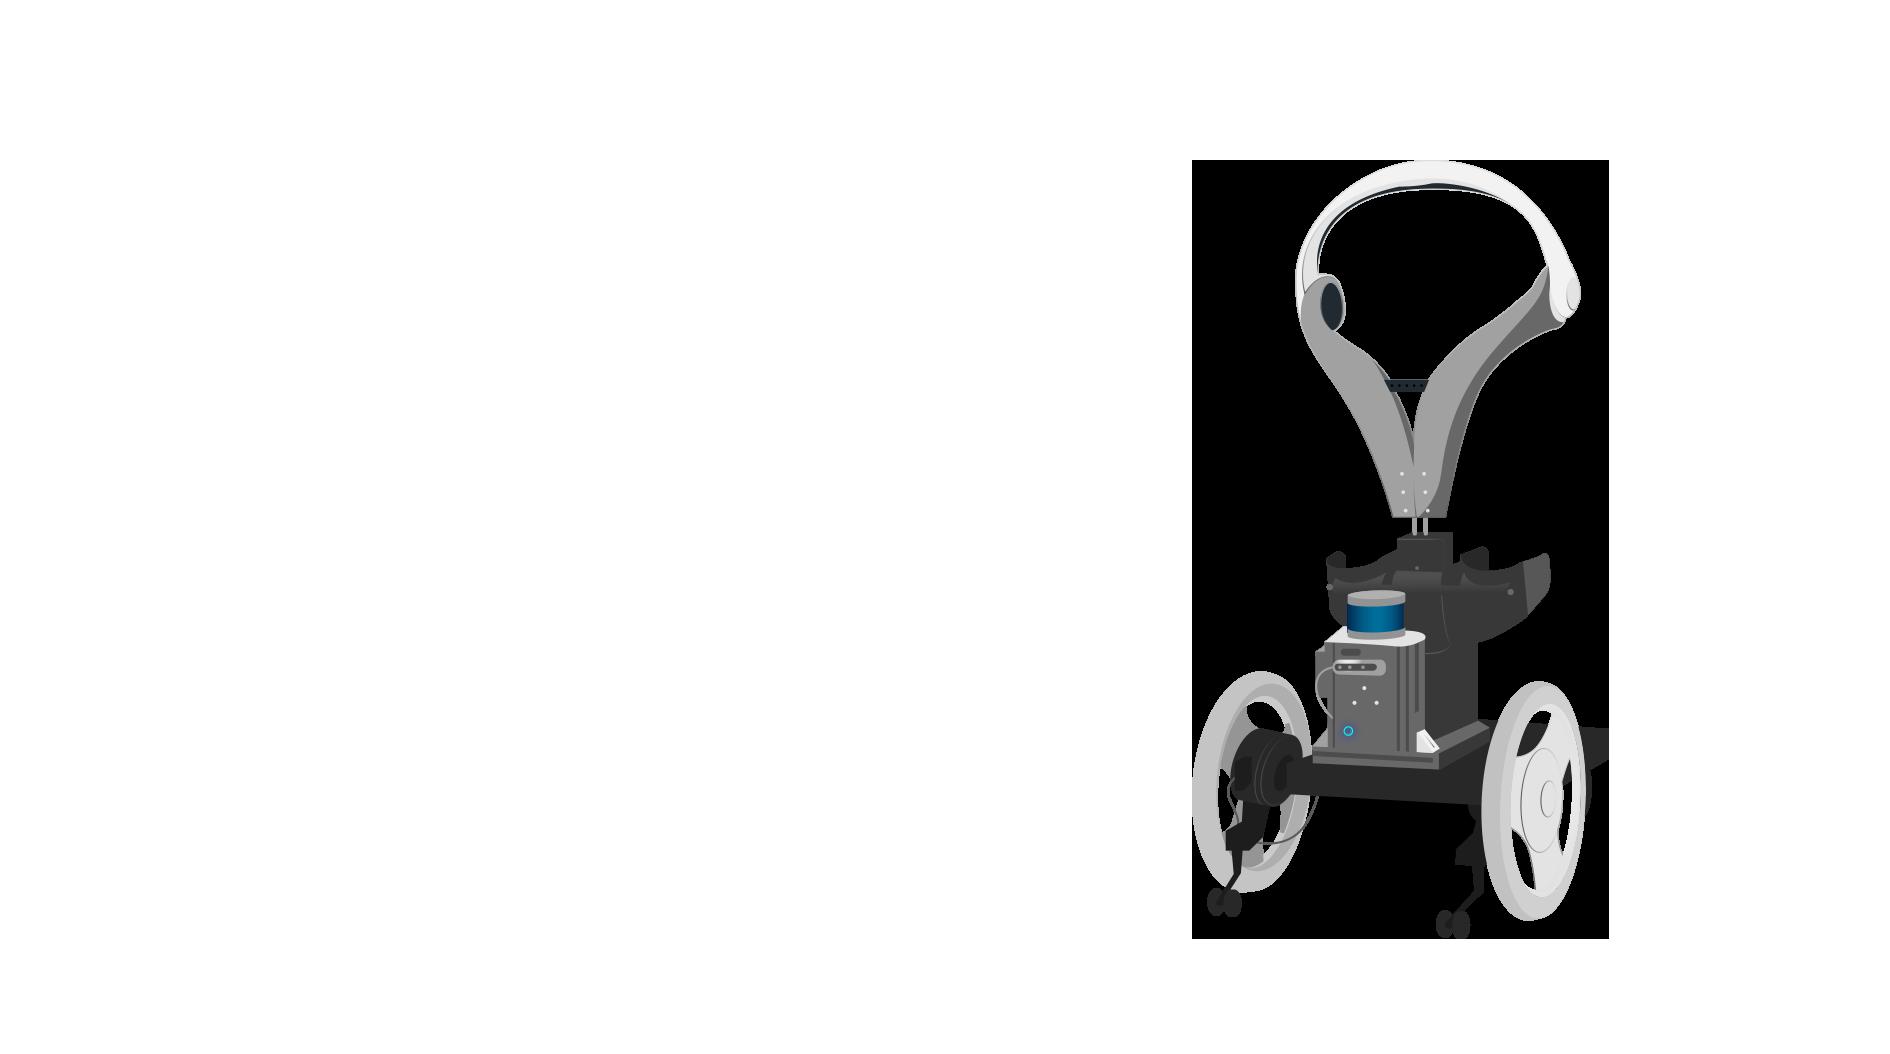 Qolo robot